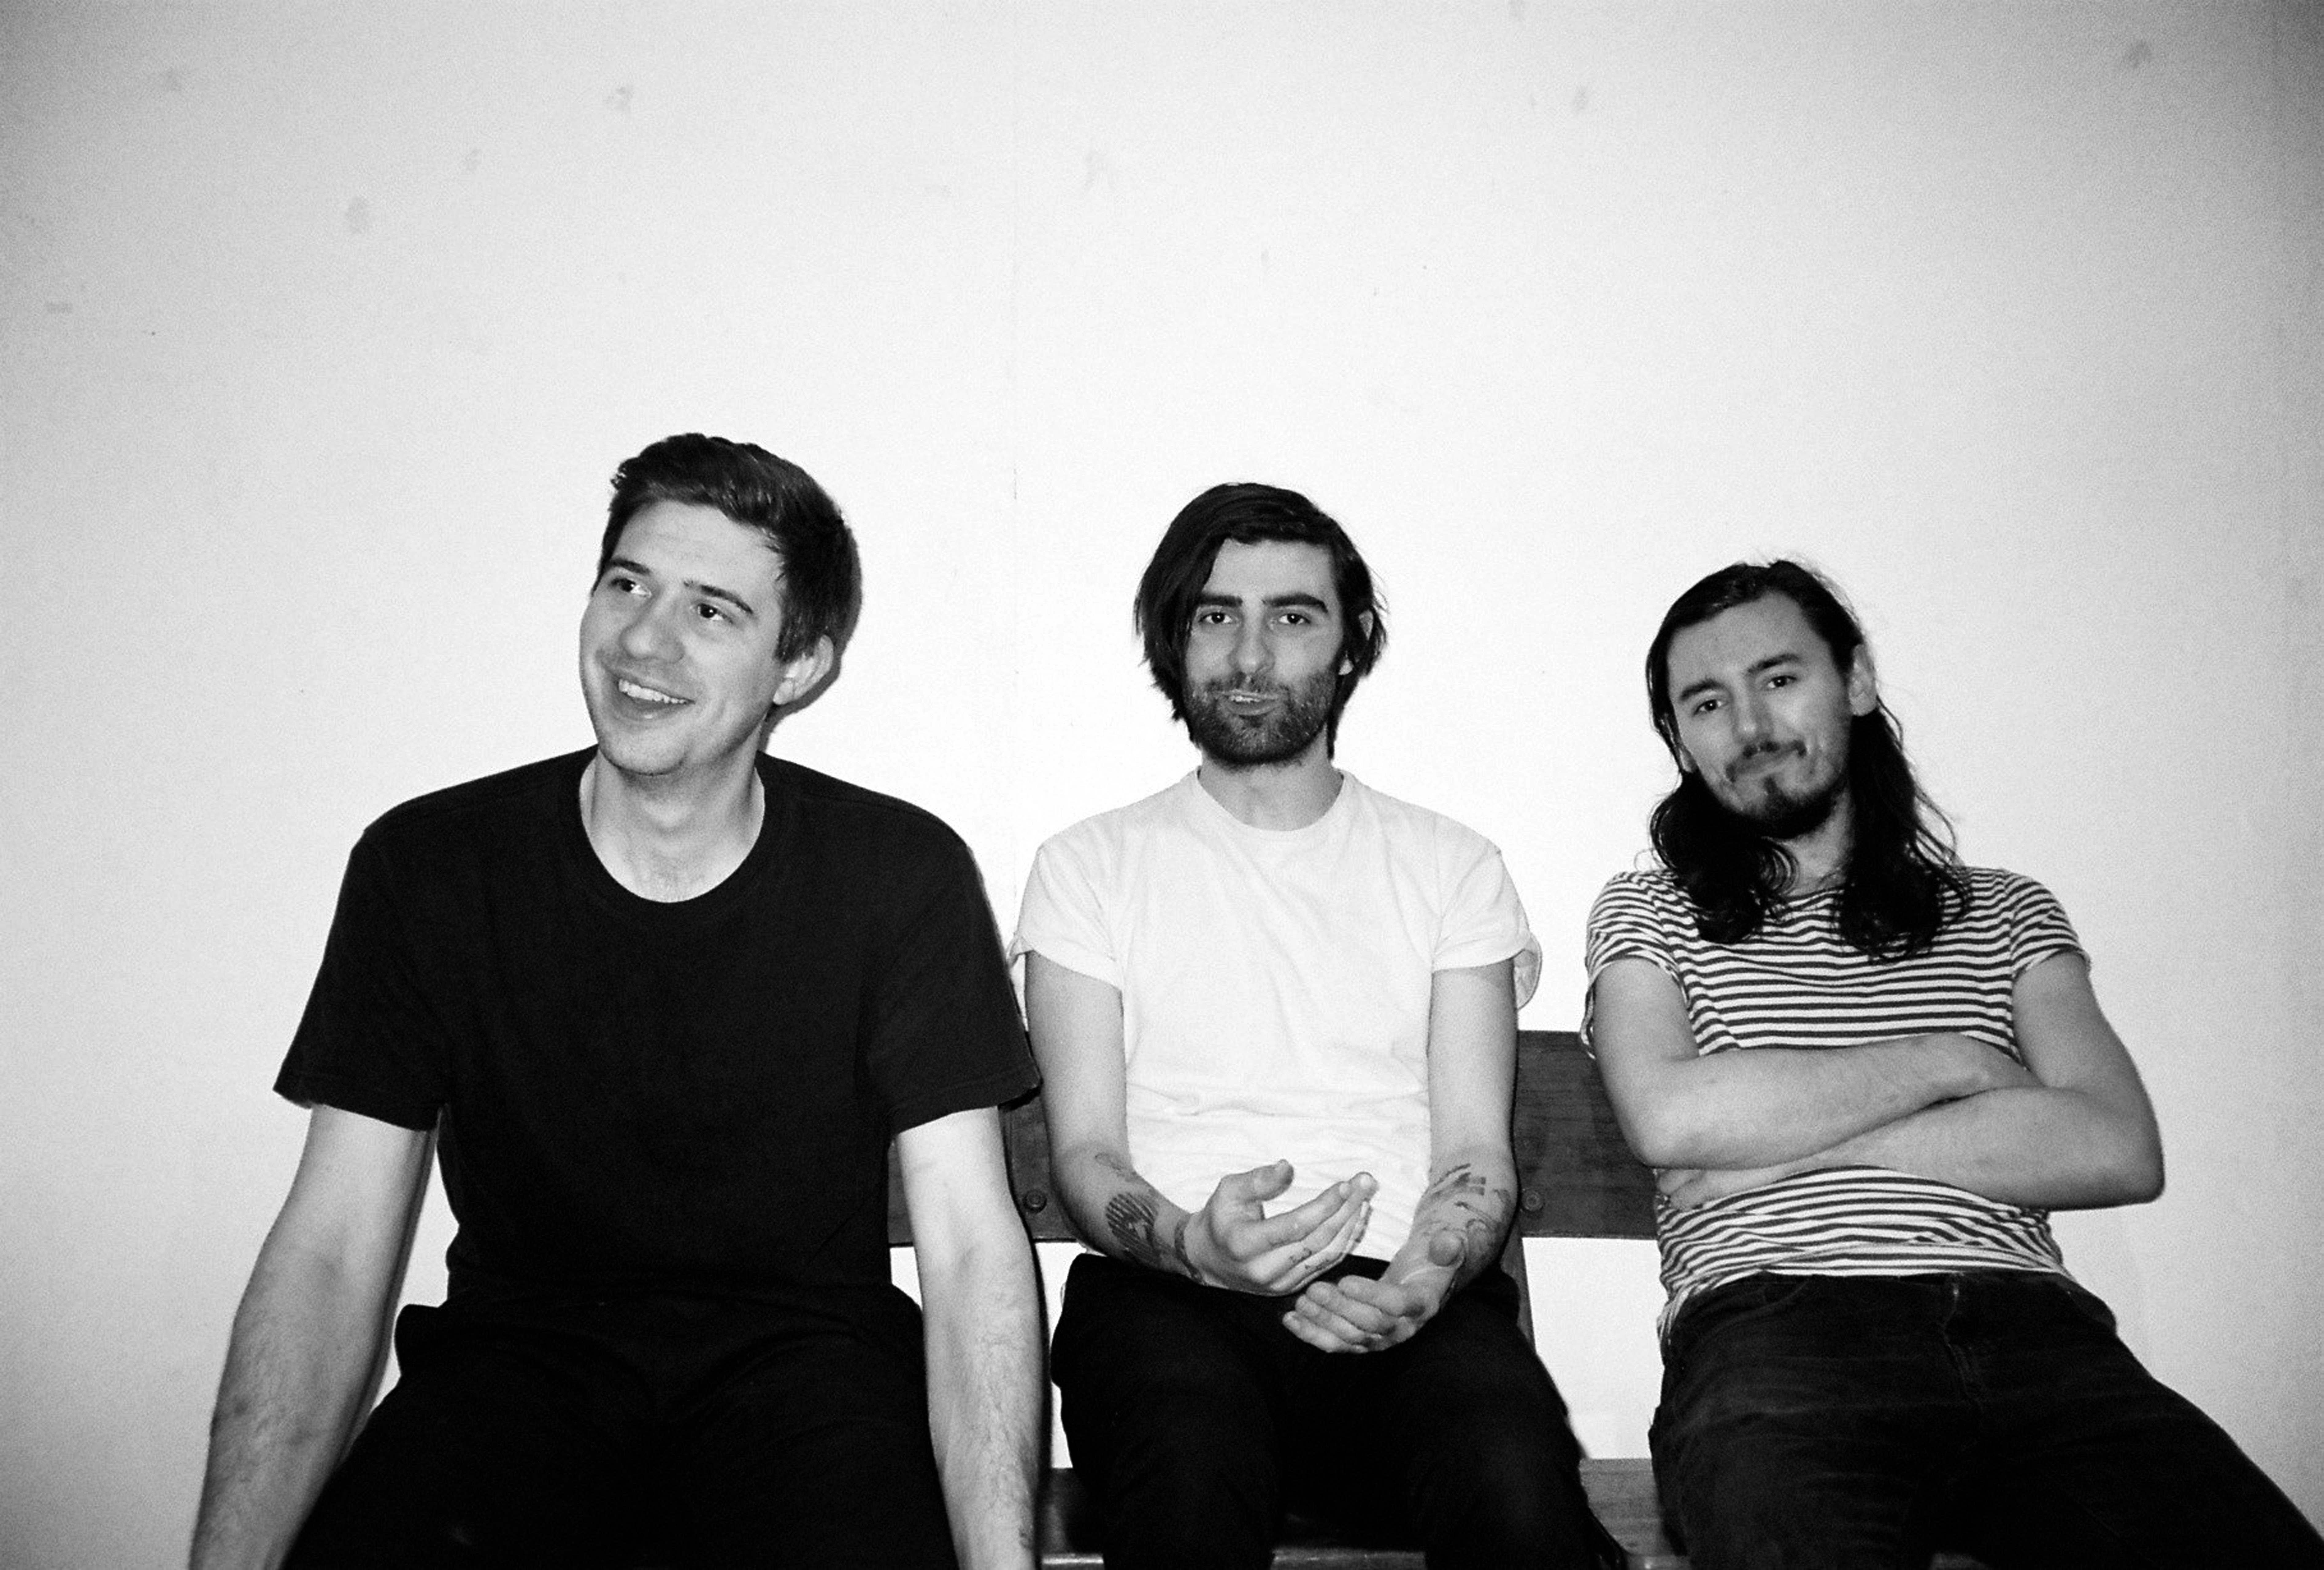 PAWS announce new album, No Grace, due out June 17th via FatCat Records